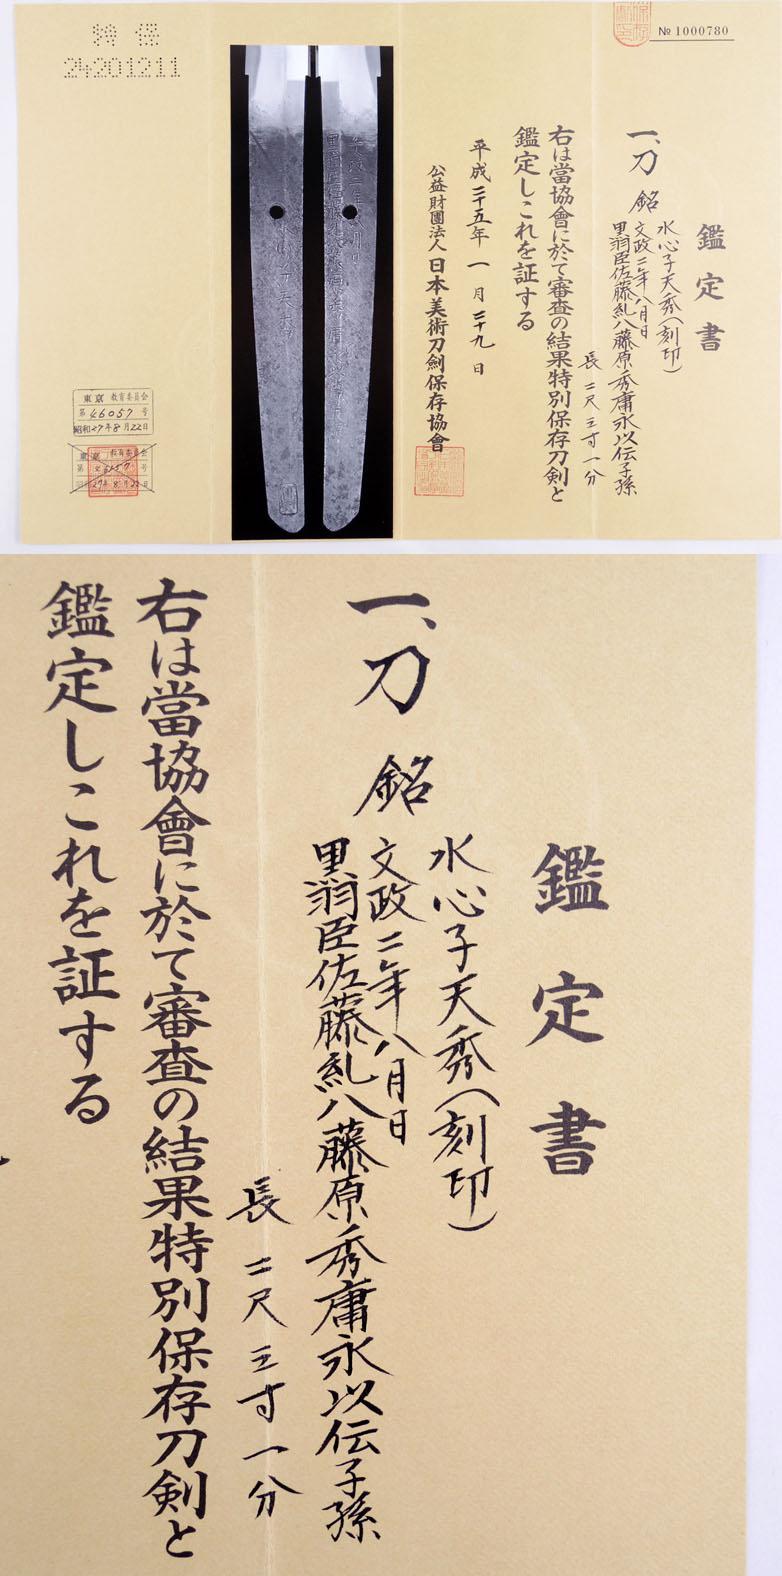 水心子天秀(水心子正秀初代) Picture of Certificate